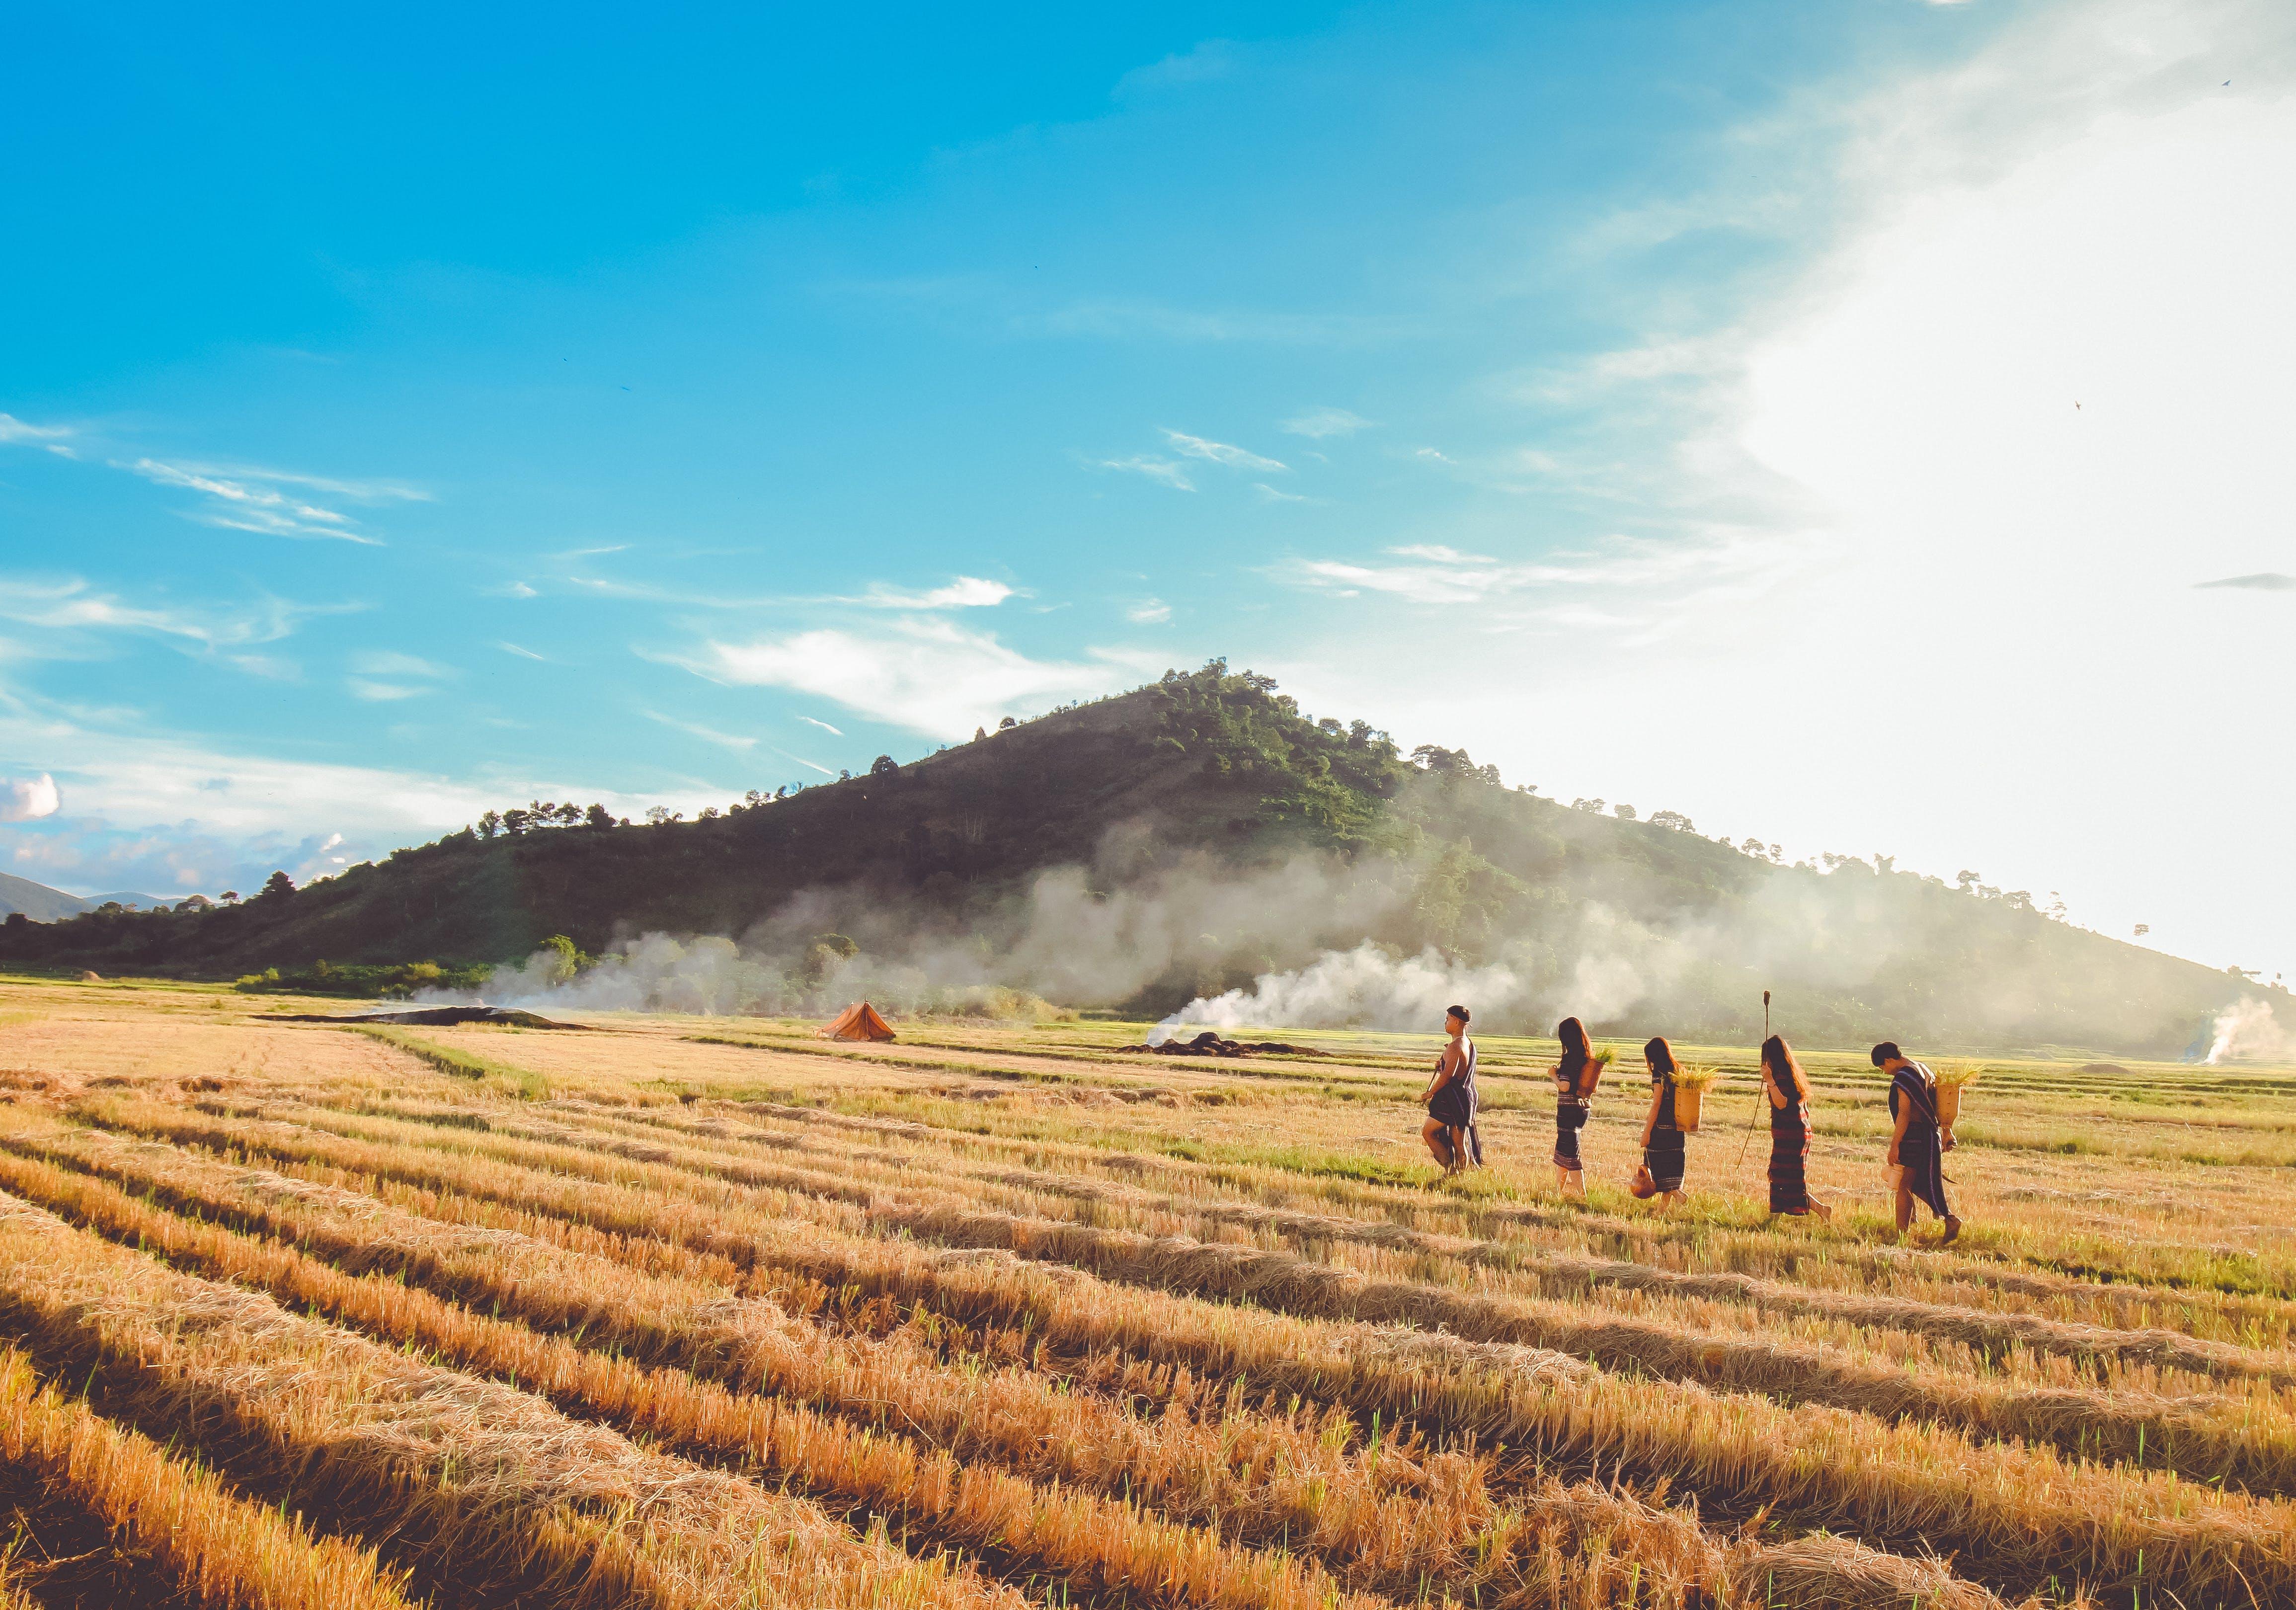 Δωρεάν στοκ φωτογραφιών με αγρόκτημα, Άνθρωποι, βοσκοτόπι, γήπεδο